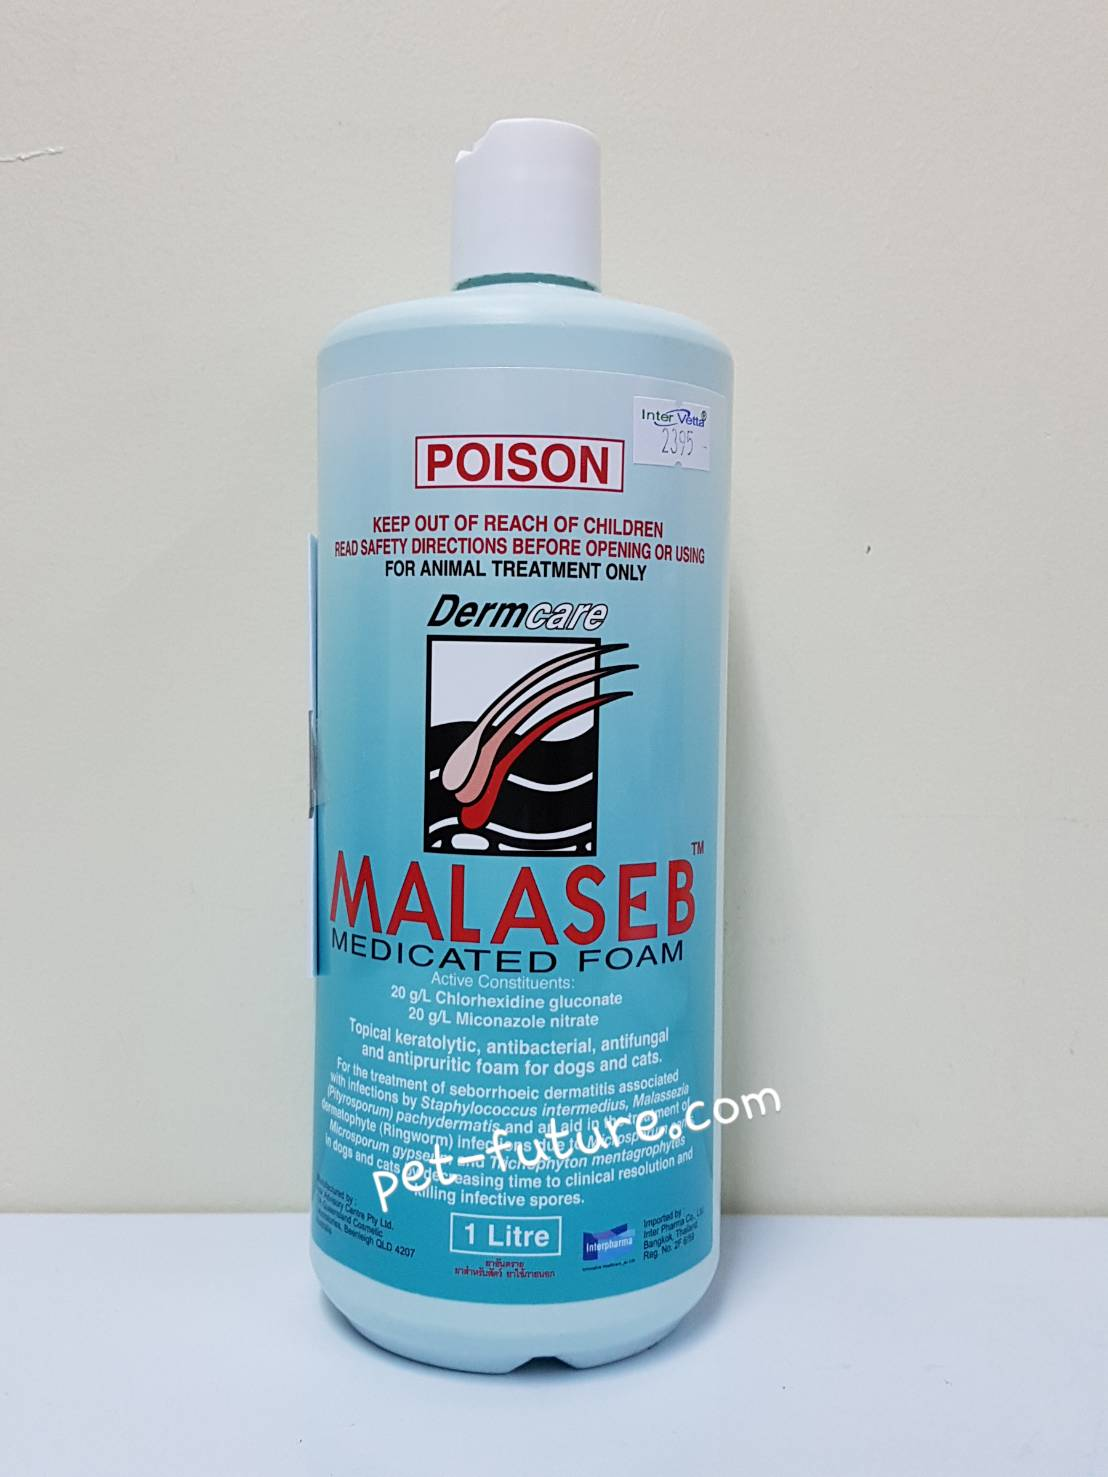 Malaseb 1000 ml. (Exp.12/19) ส่งฟรีค่ะ ทางเคอรี่เอกเพลสค่ะ